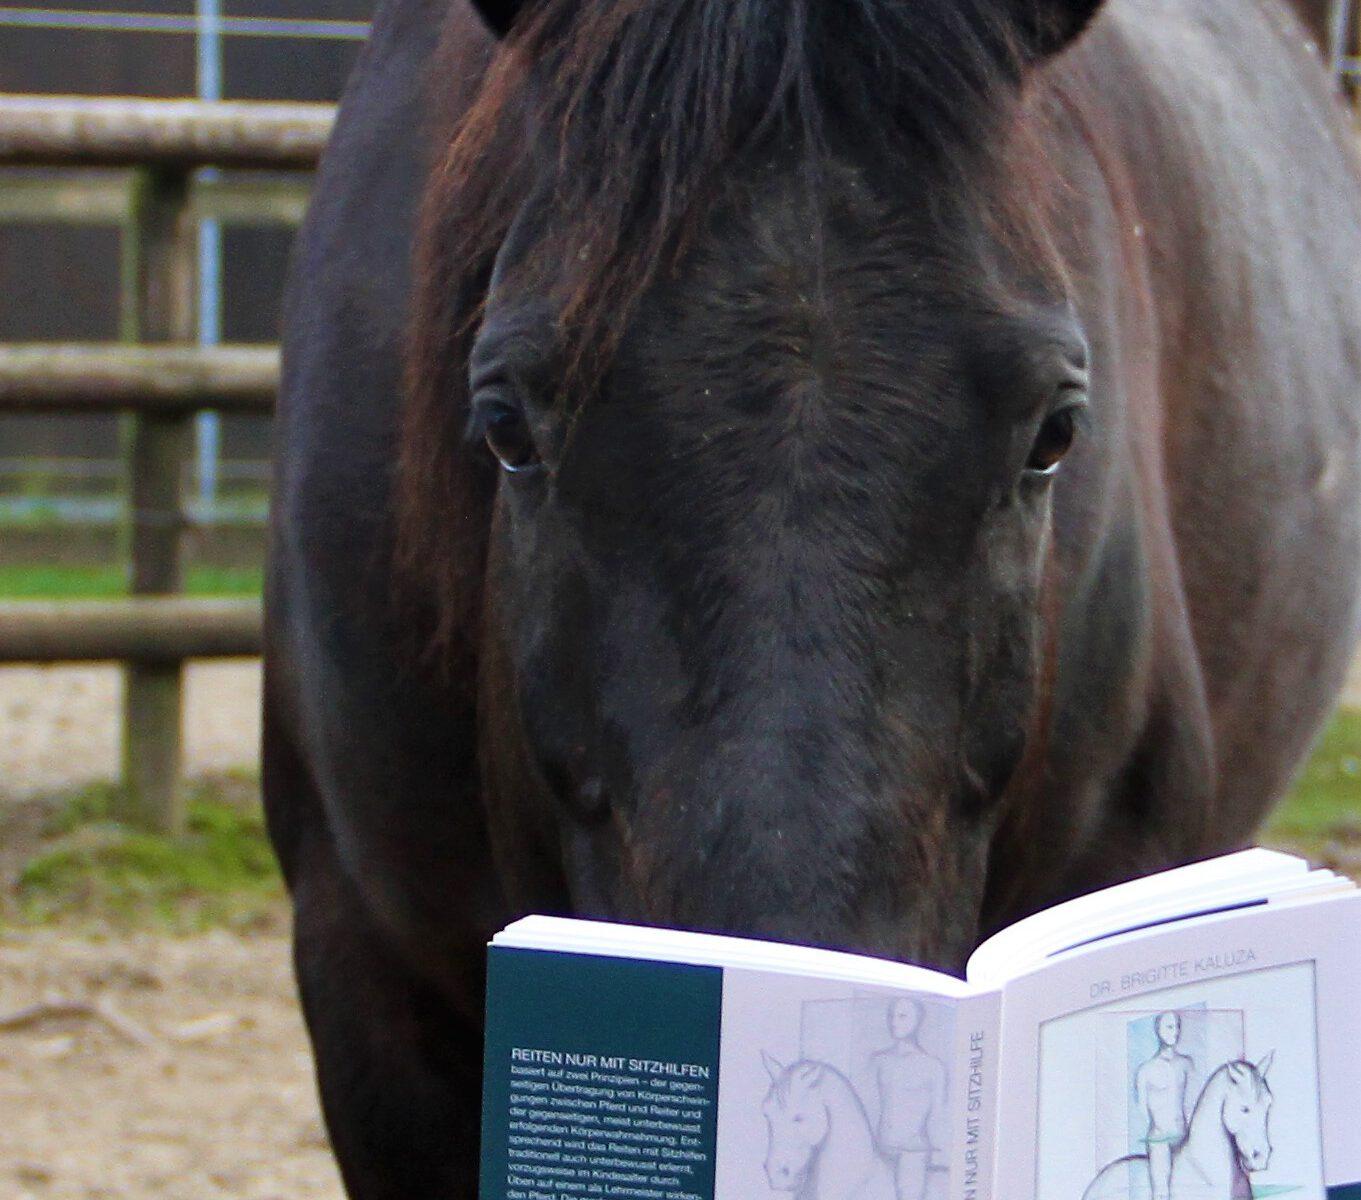 """Ein Pferd liest ein Buch mit dem Titel """"Reiten nur mit Sitzhilfe"""""""